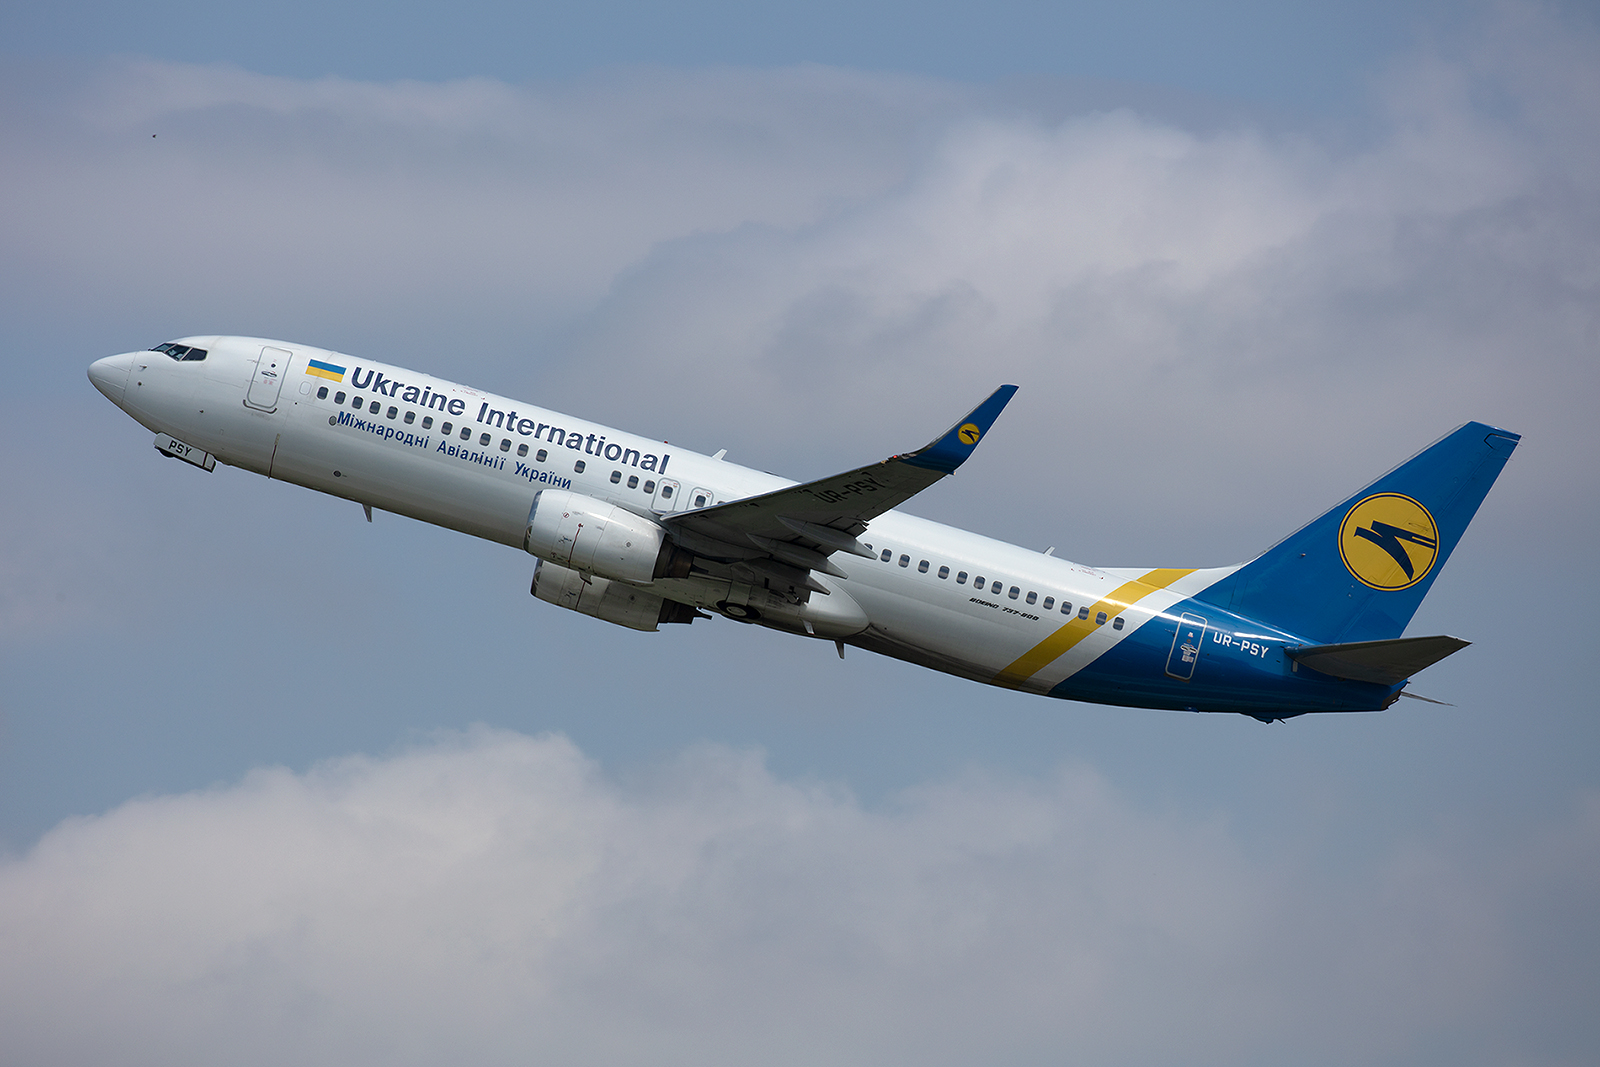 Diese Boeing 737-8EH flog vorher für GOL in Brasilien. Die Flotte der Ukraine International ist in den vergangenen Jahren enorm gewachsen und beinhaltet auch Boeing 767 und 777.